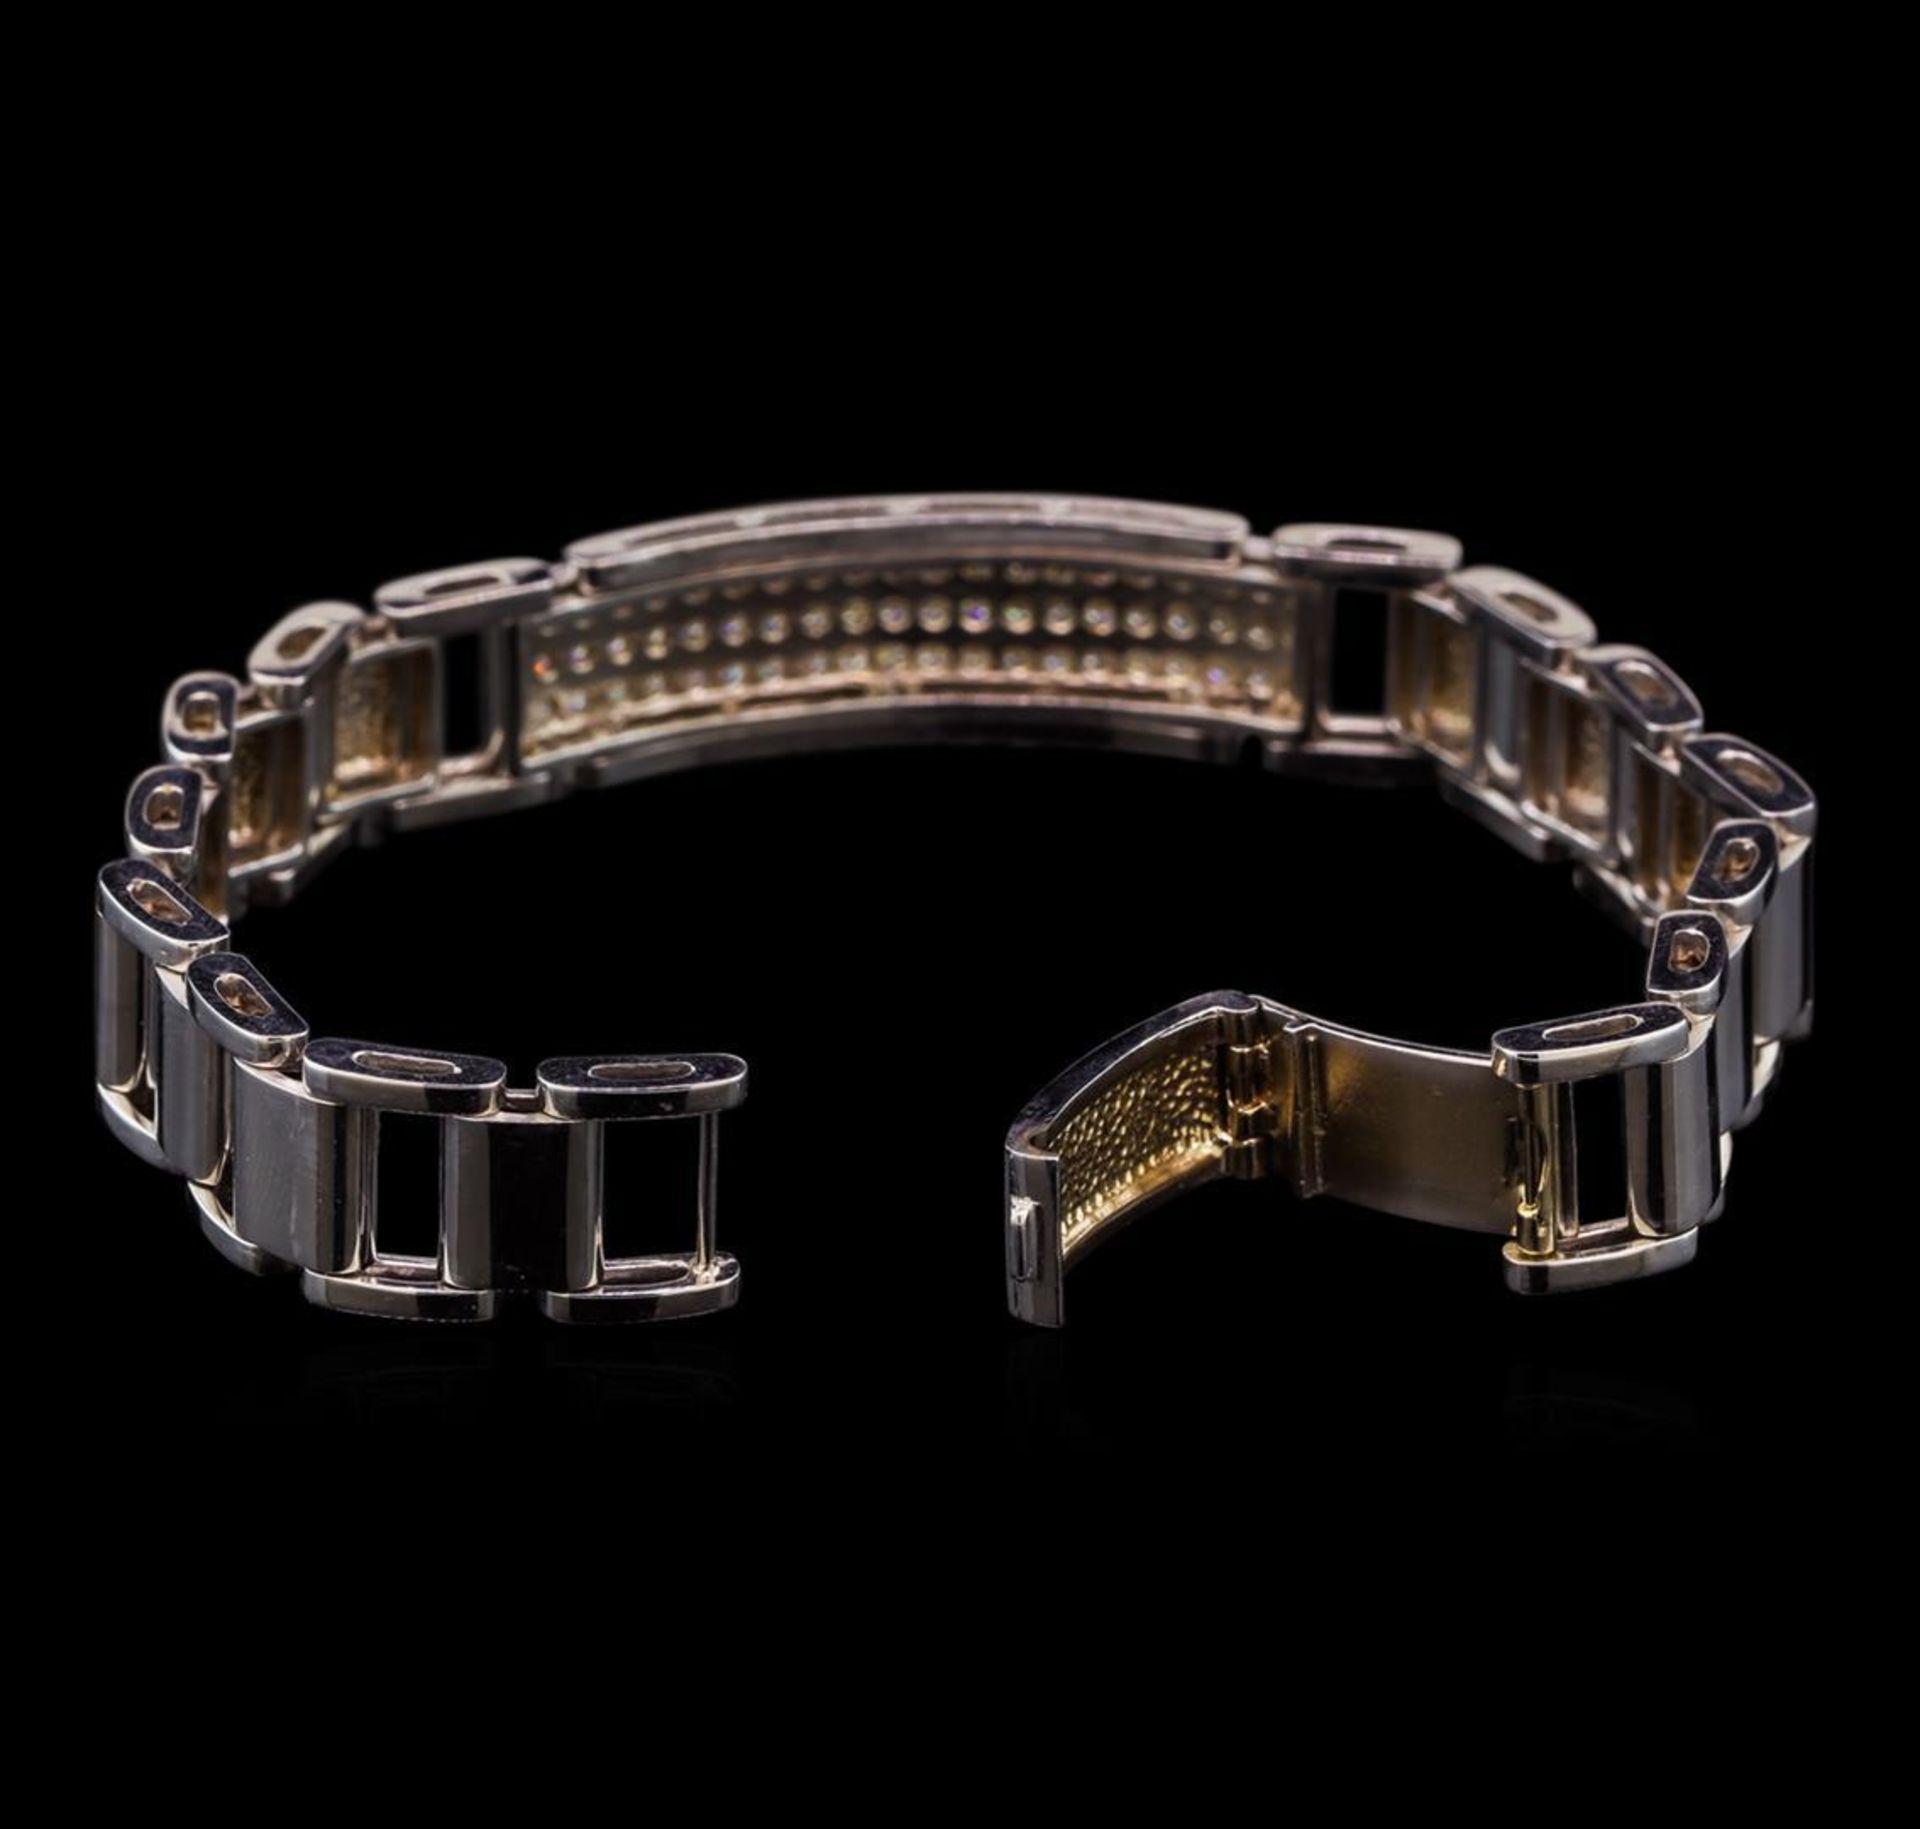 1.44 ctw Diamond Bracelet - 14KT White Gold - Image 3 of 4